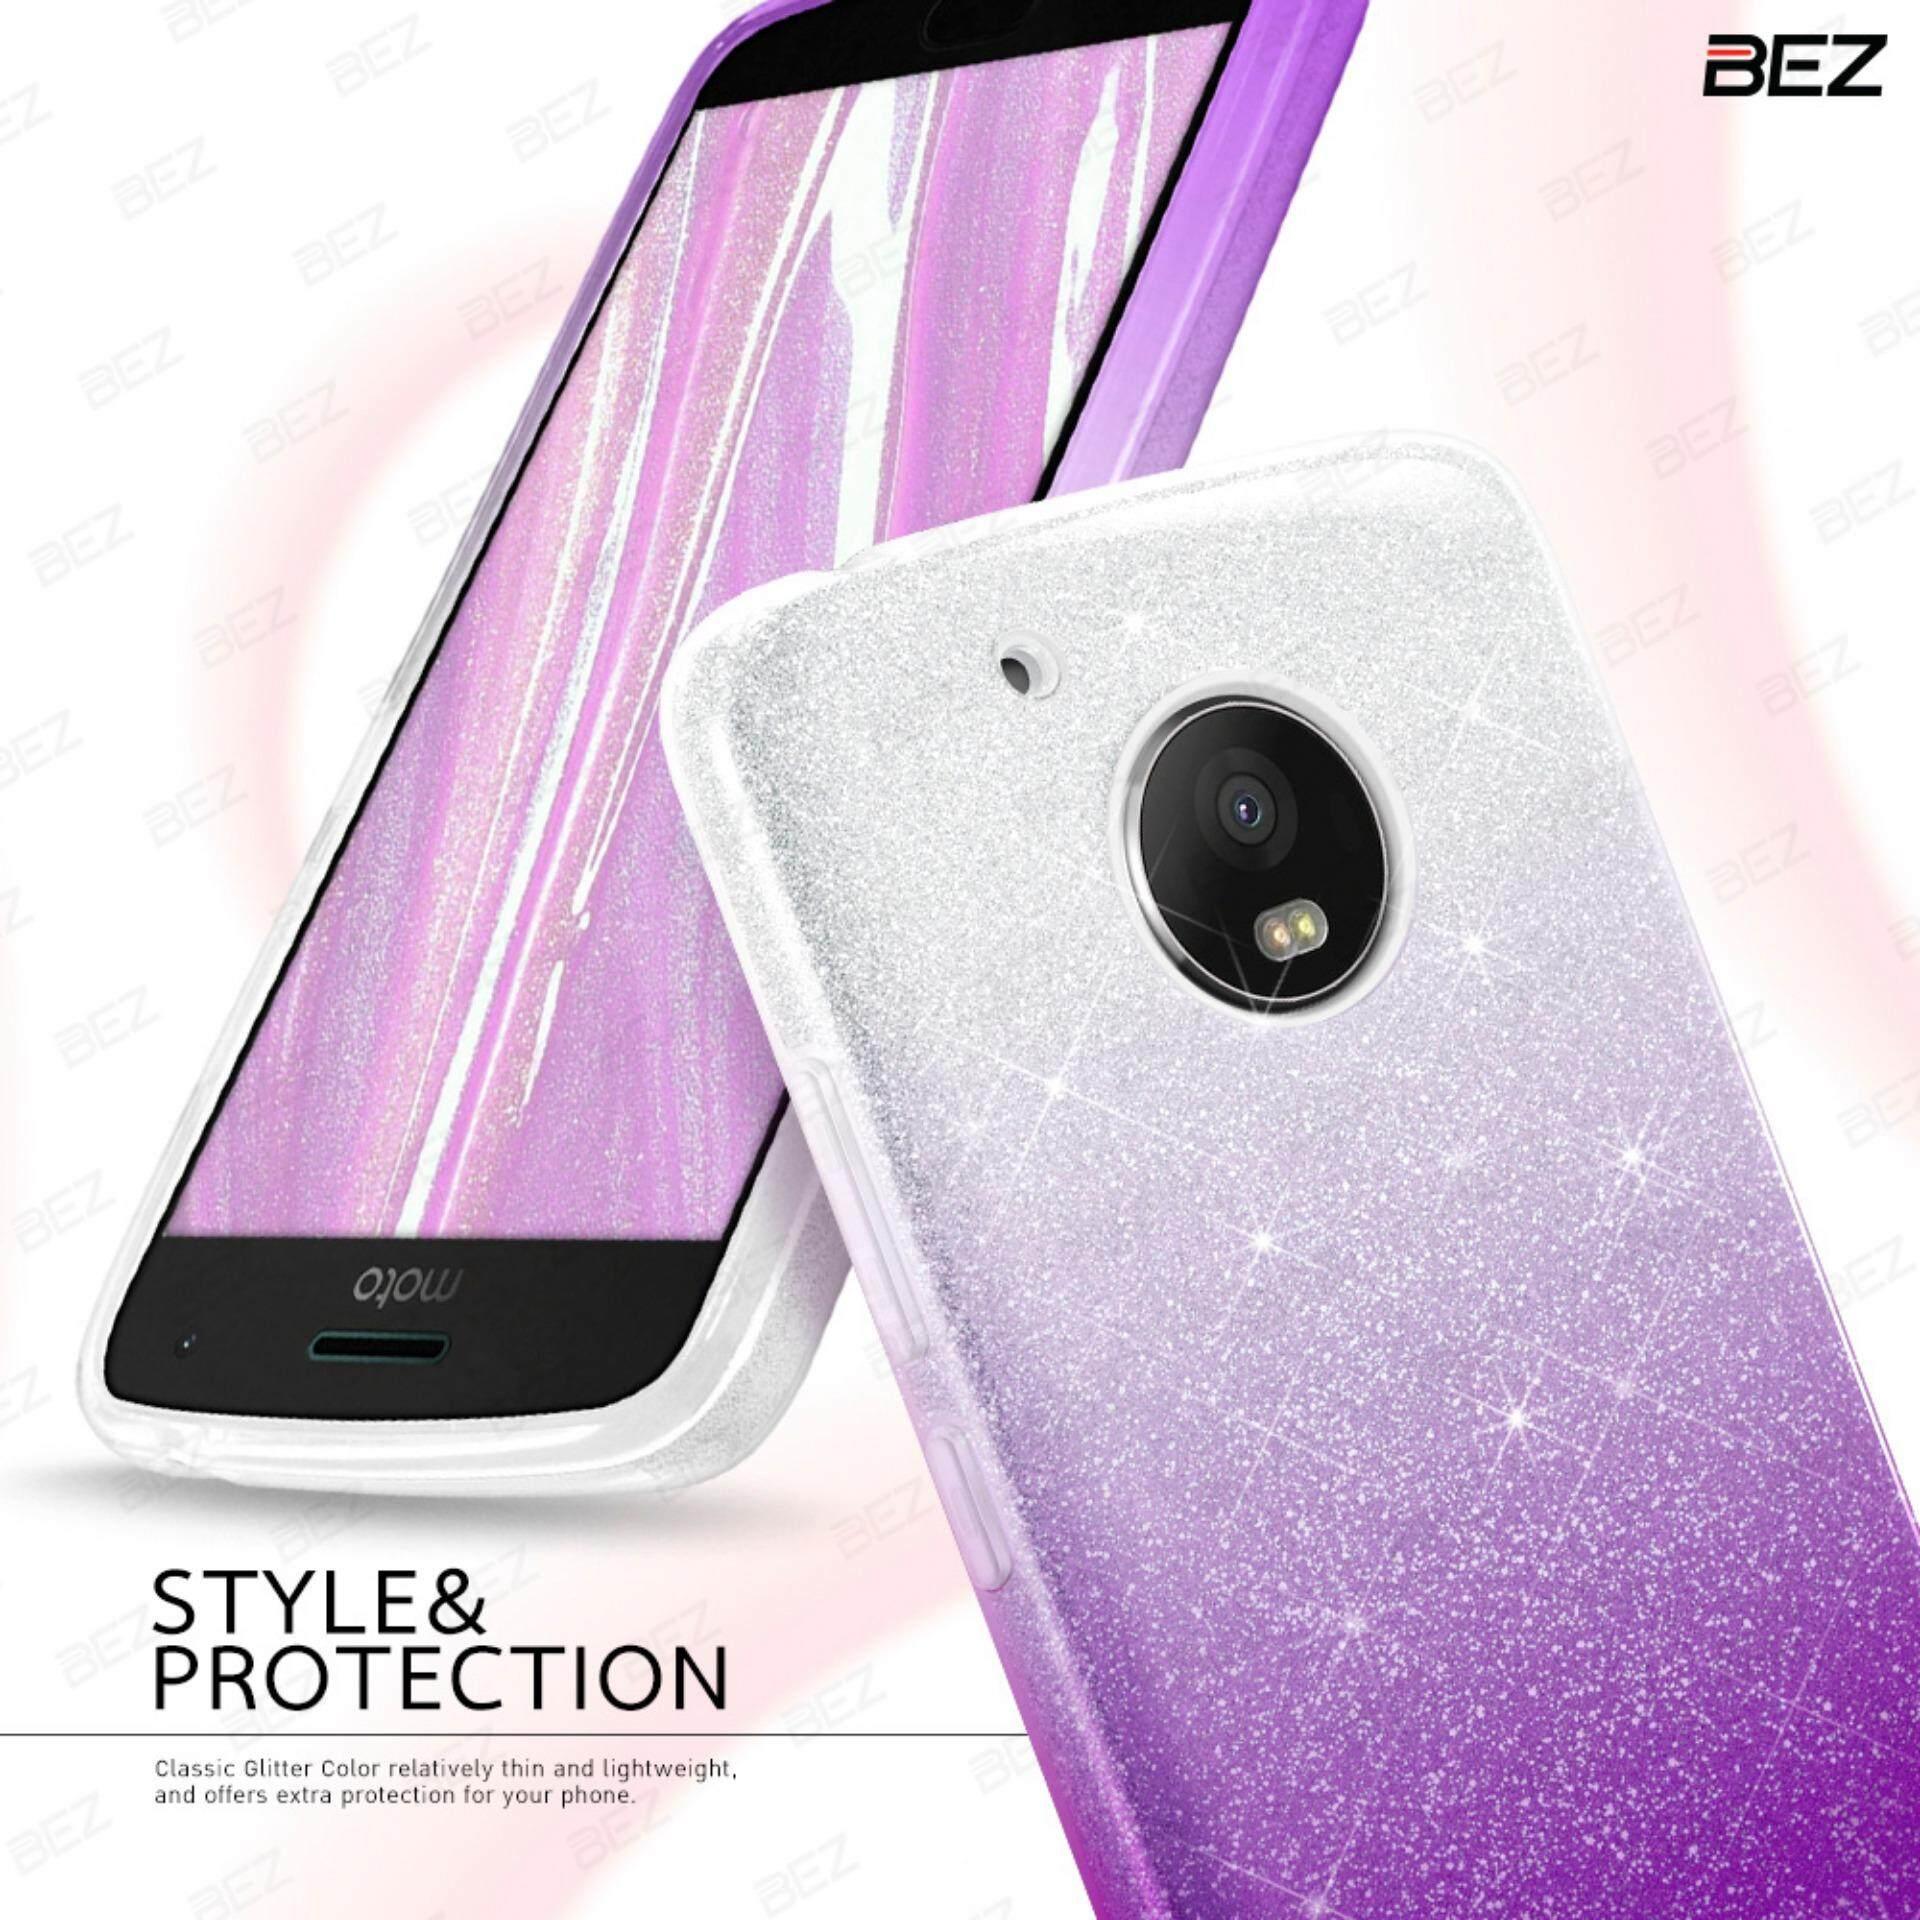 เคสโมโต G5 เคส Moto G5 พลัส Cases Motorola G5 Bez® เคสมือถือ ฟรุ้งฟริ้ง คริสตัล ติดกากเพชร ซิลิโคน เคสฝาหลัง กันกระแทก Bez® Motorola Moto G5 Plus Glitter Bling Bling Phone Case Jg2 Mg5P ถูก